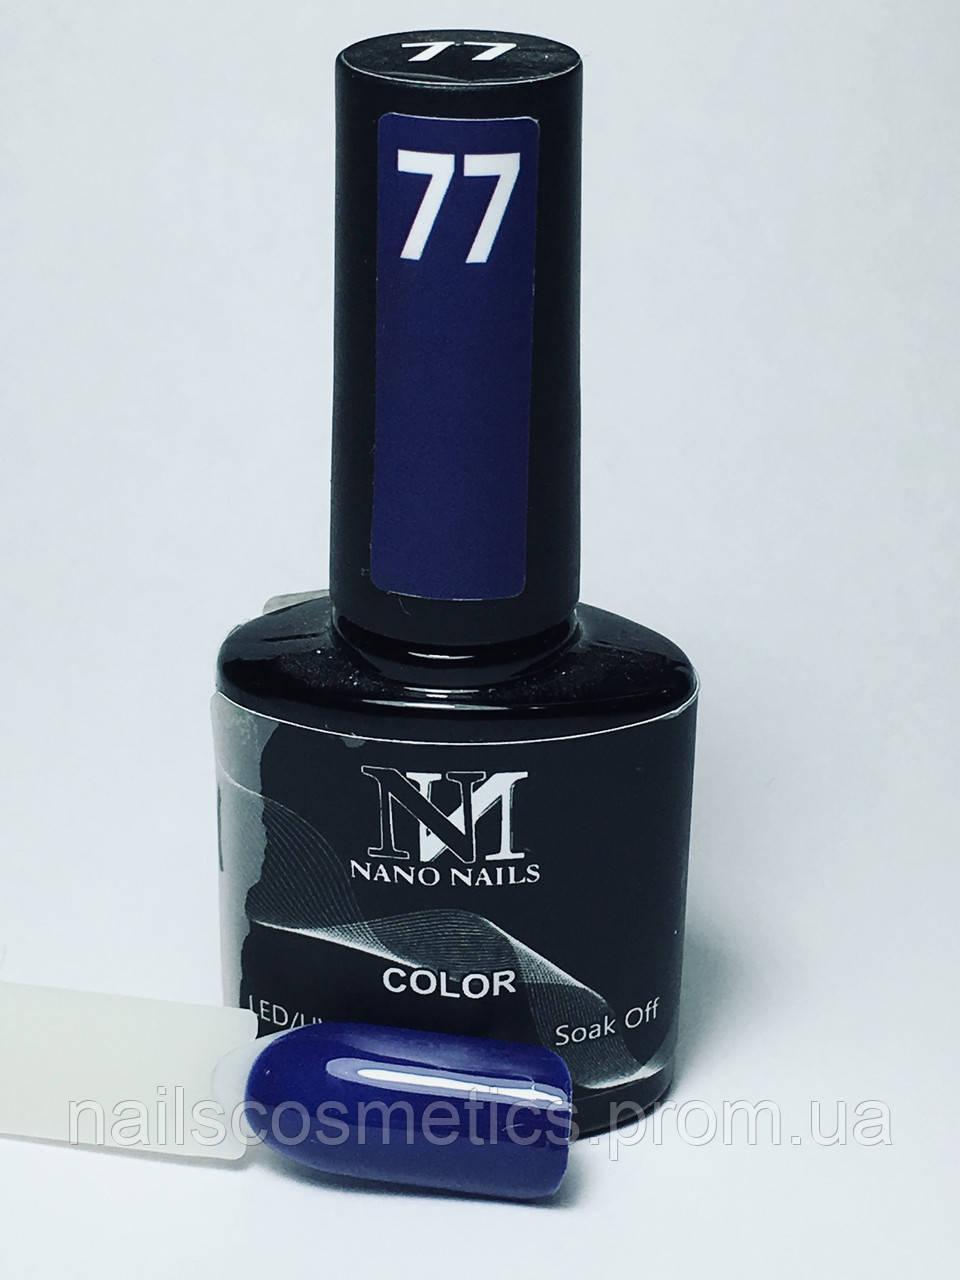 77 NANO NAILS, гель-лак 9мл